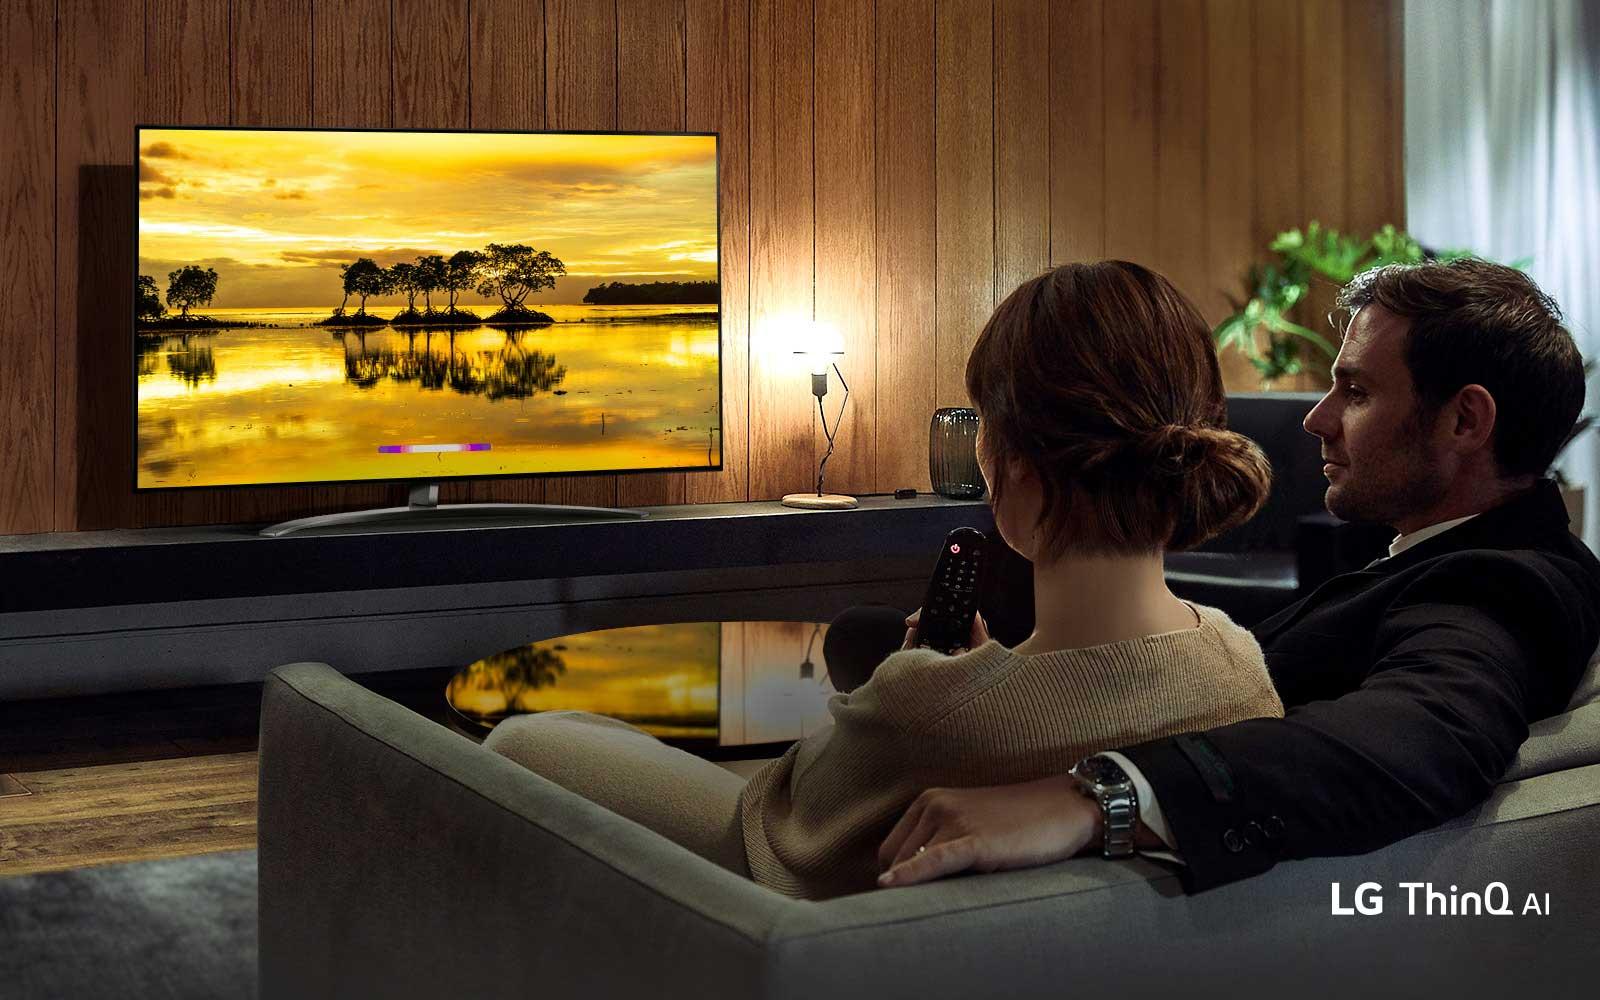 TV-NanoCell-SM94-14-Nanocell-AI-GA-Desktop